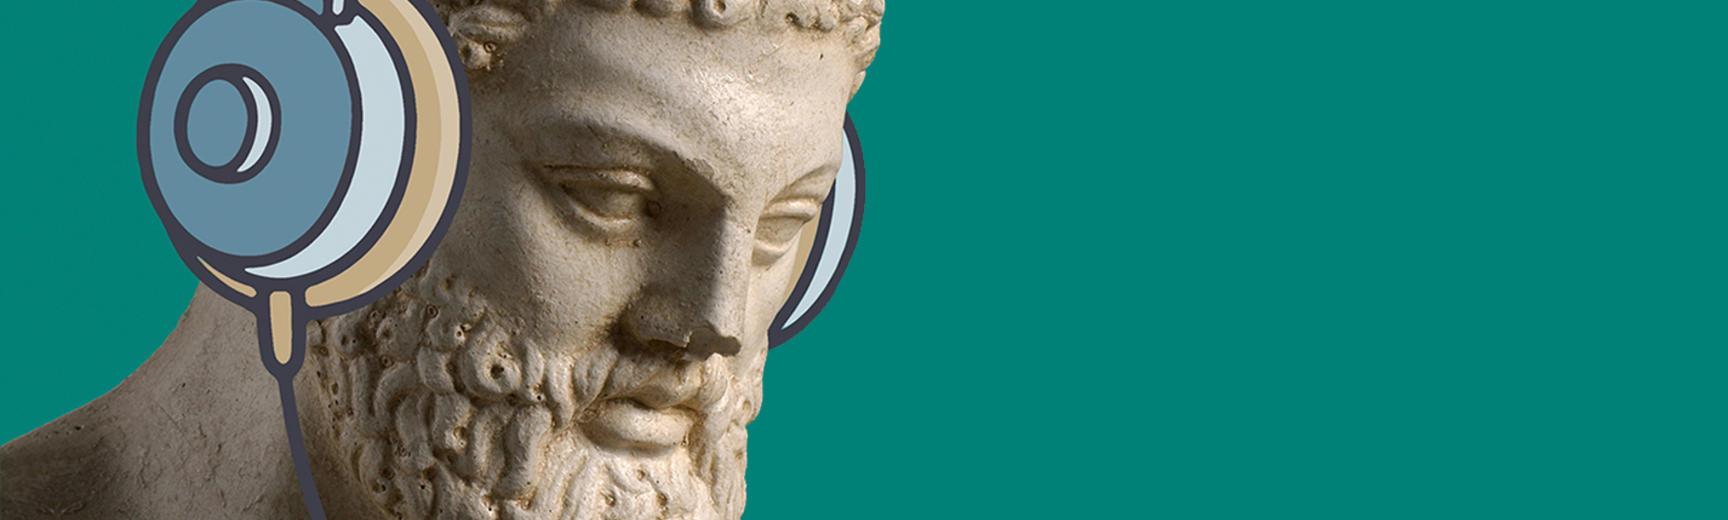 museum secrets podcast icon landscape